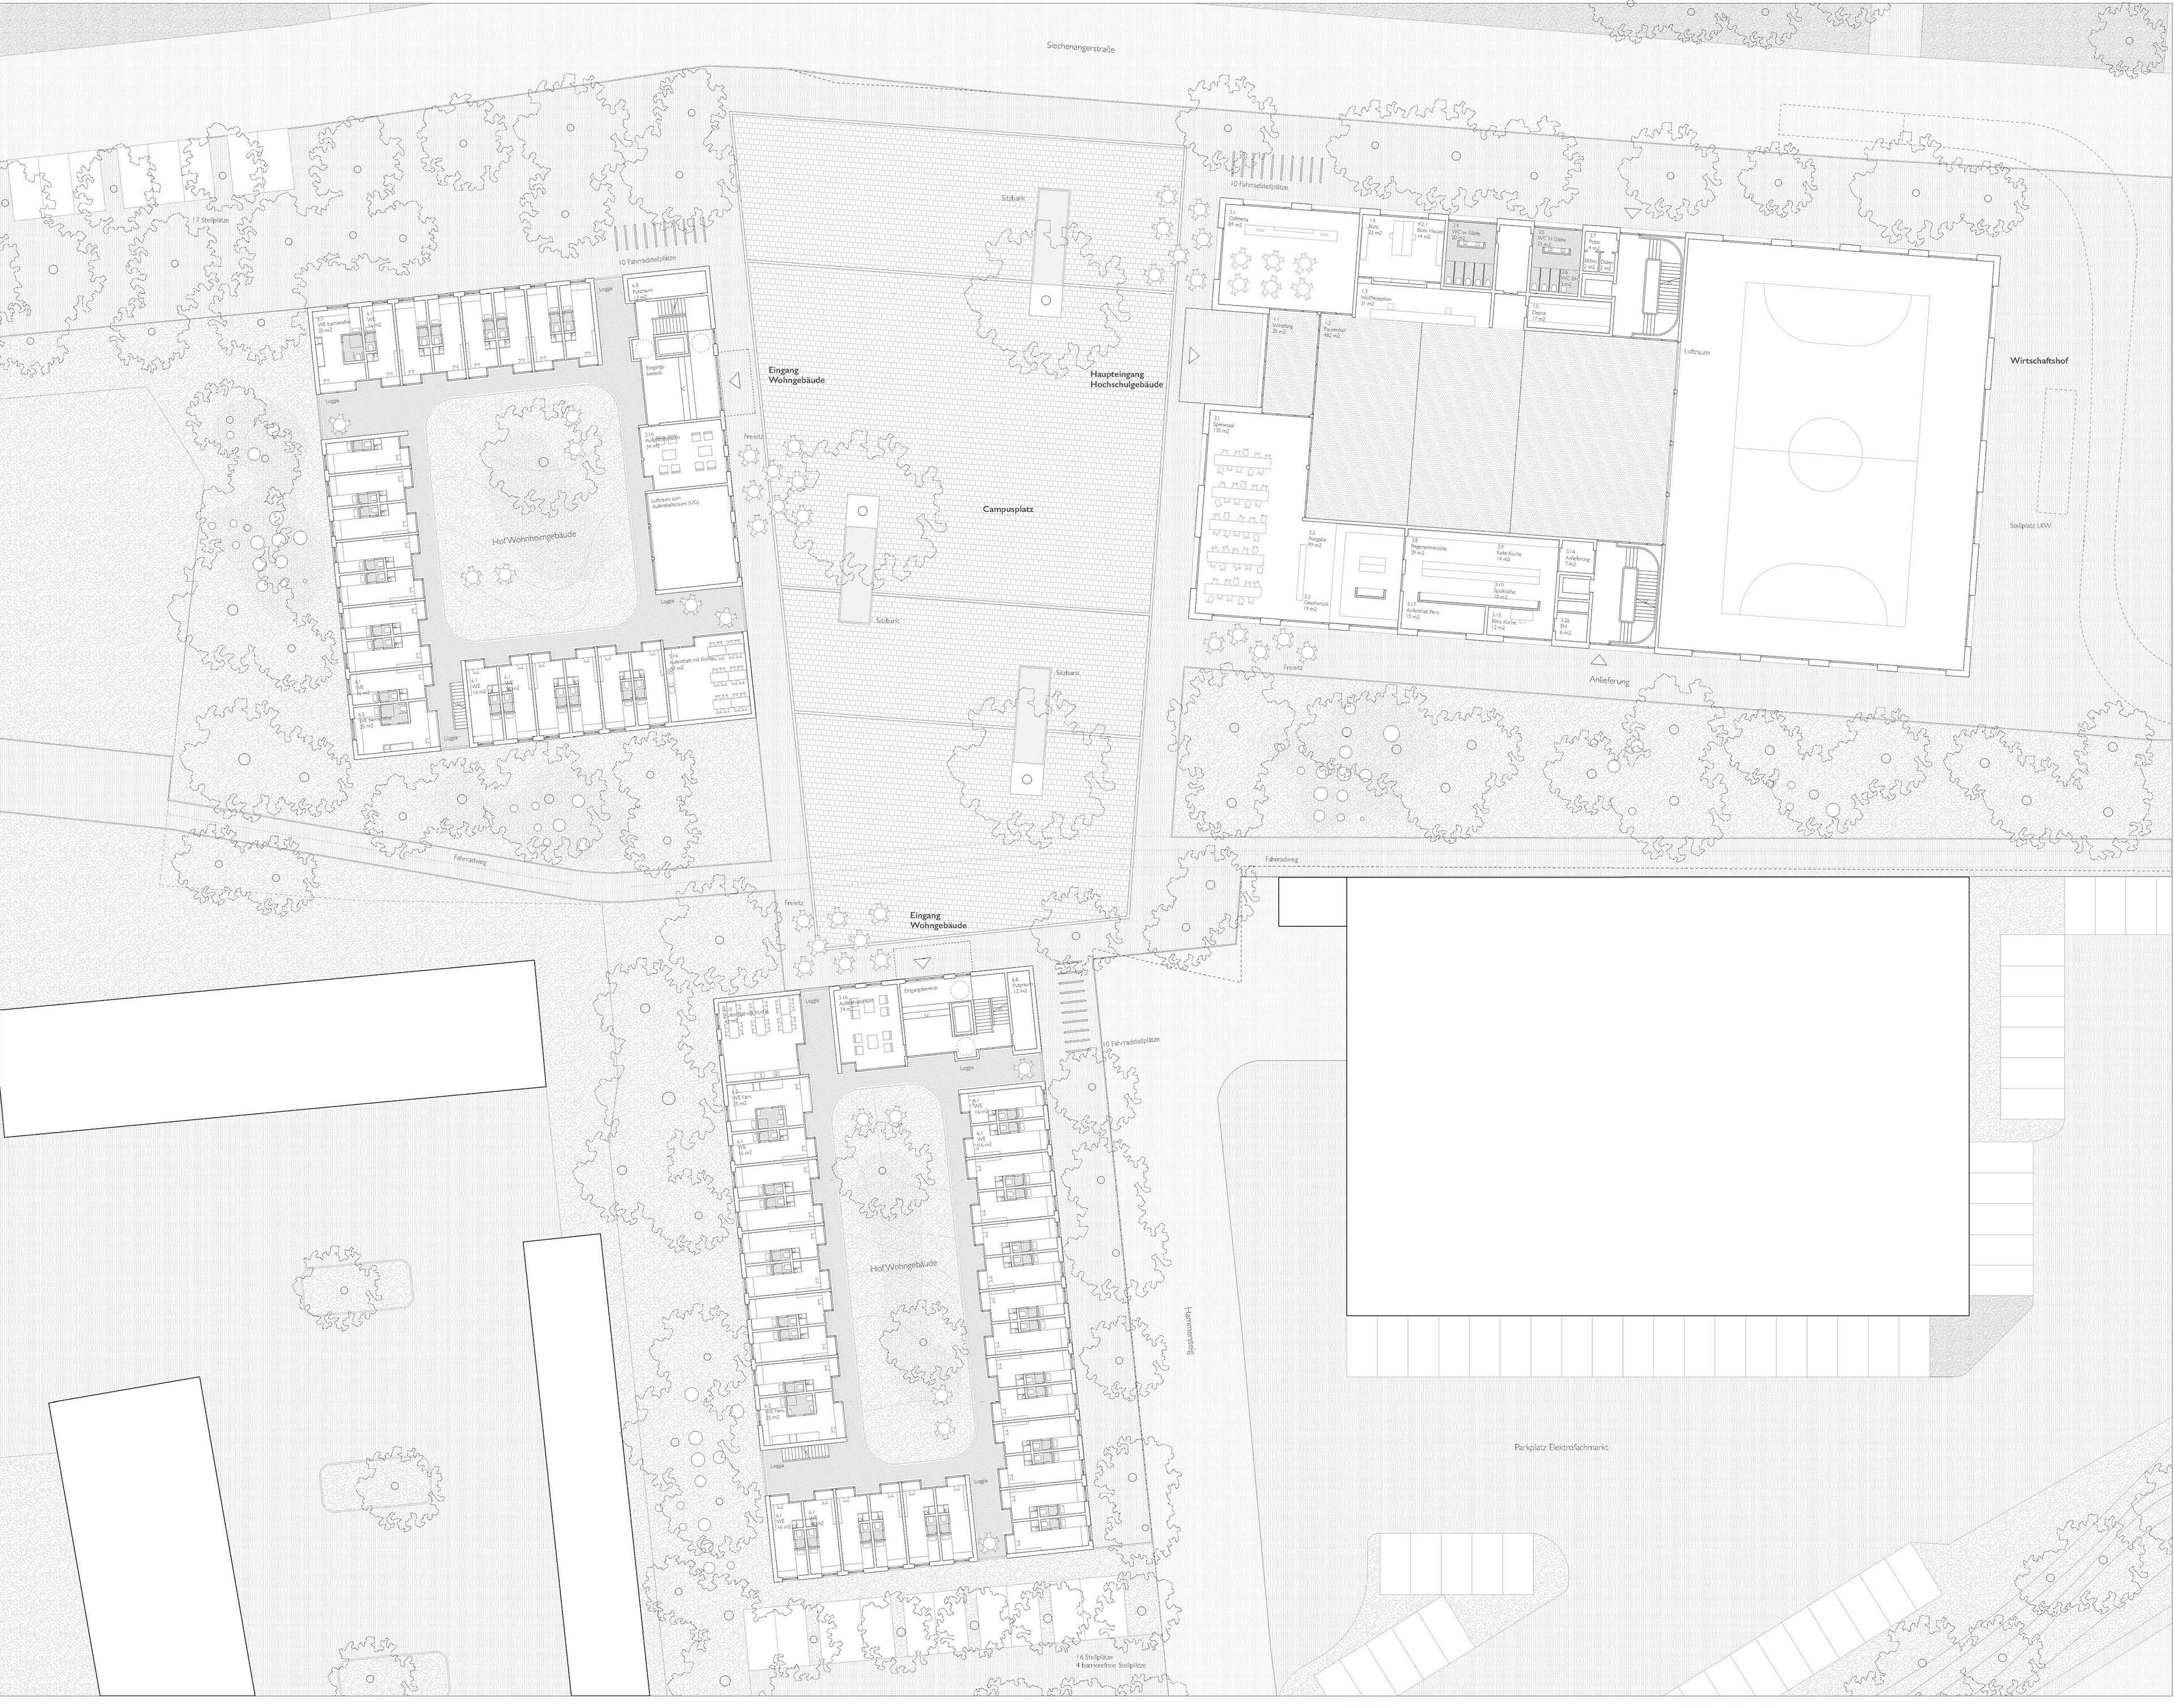 Ergebnis Bauwerks Und Freianlagenplanung Des Neuba Competitionline